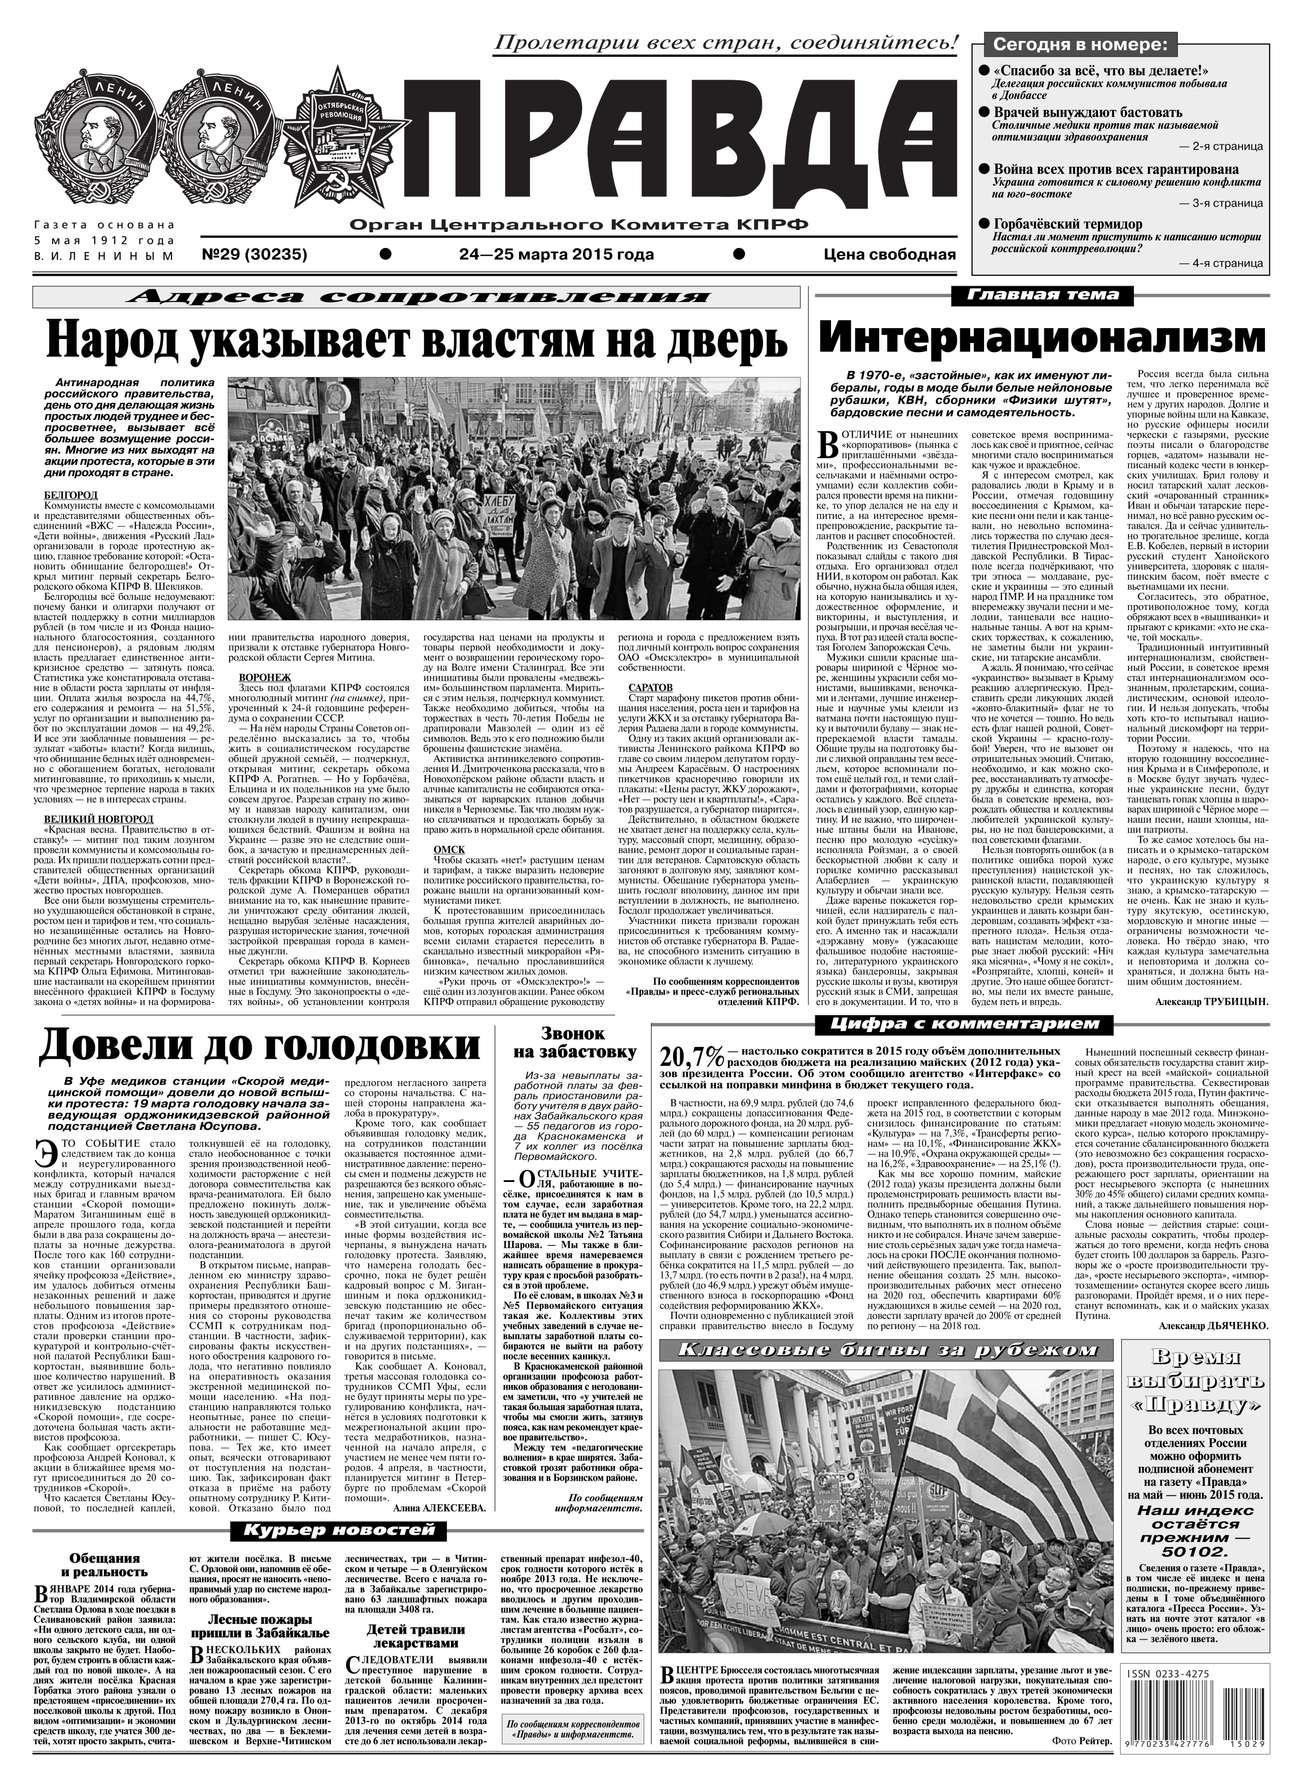 Редакция газеты Правда Правда 29-2015 отсутствует литературная газета 29 6517 2015